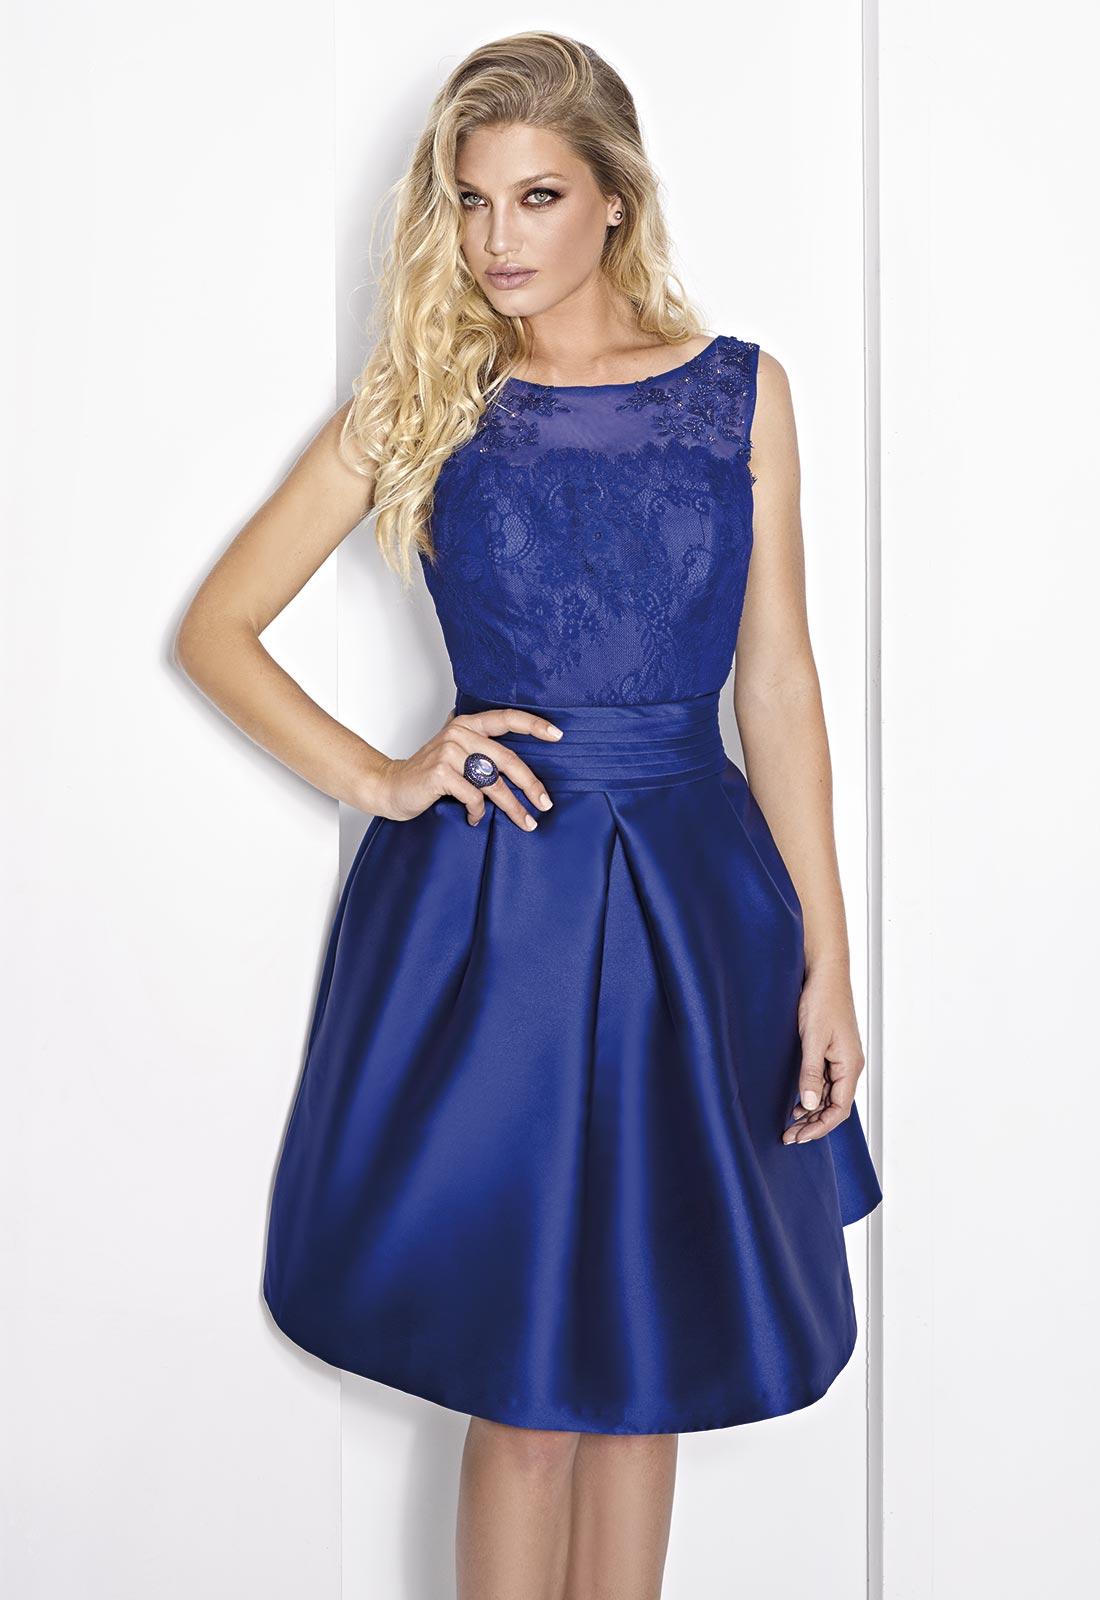 Vestido azul real Cabotine con falda de vuelo